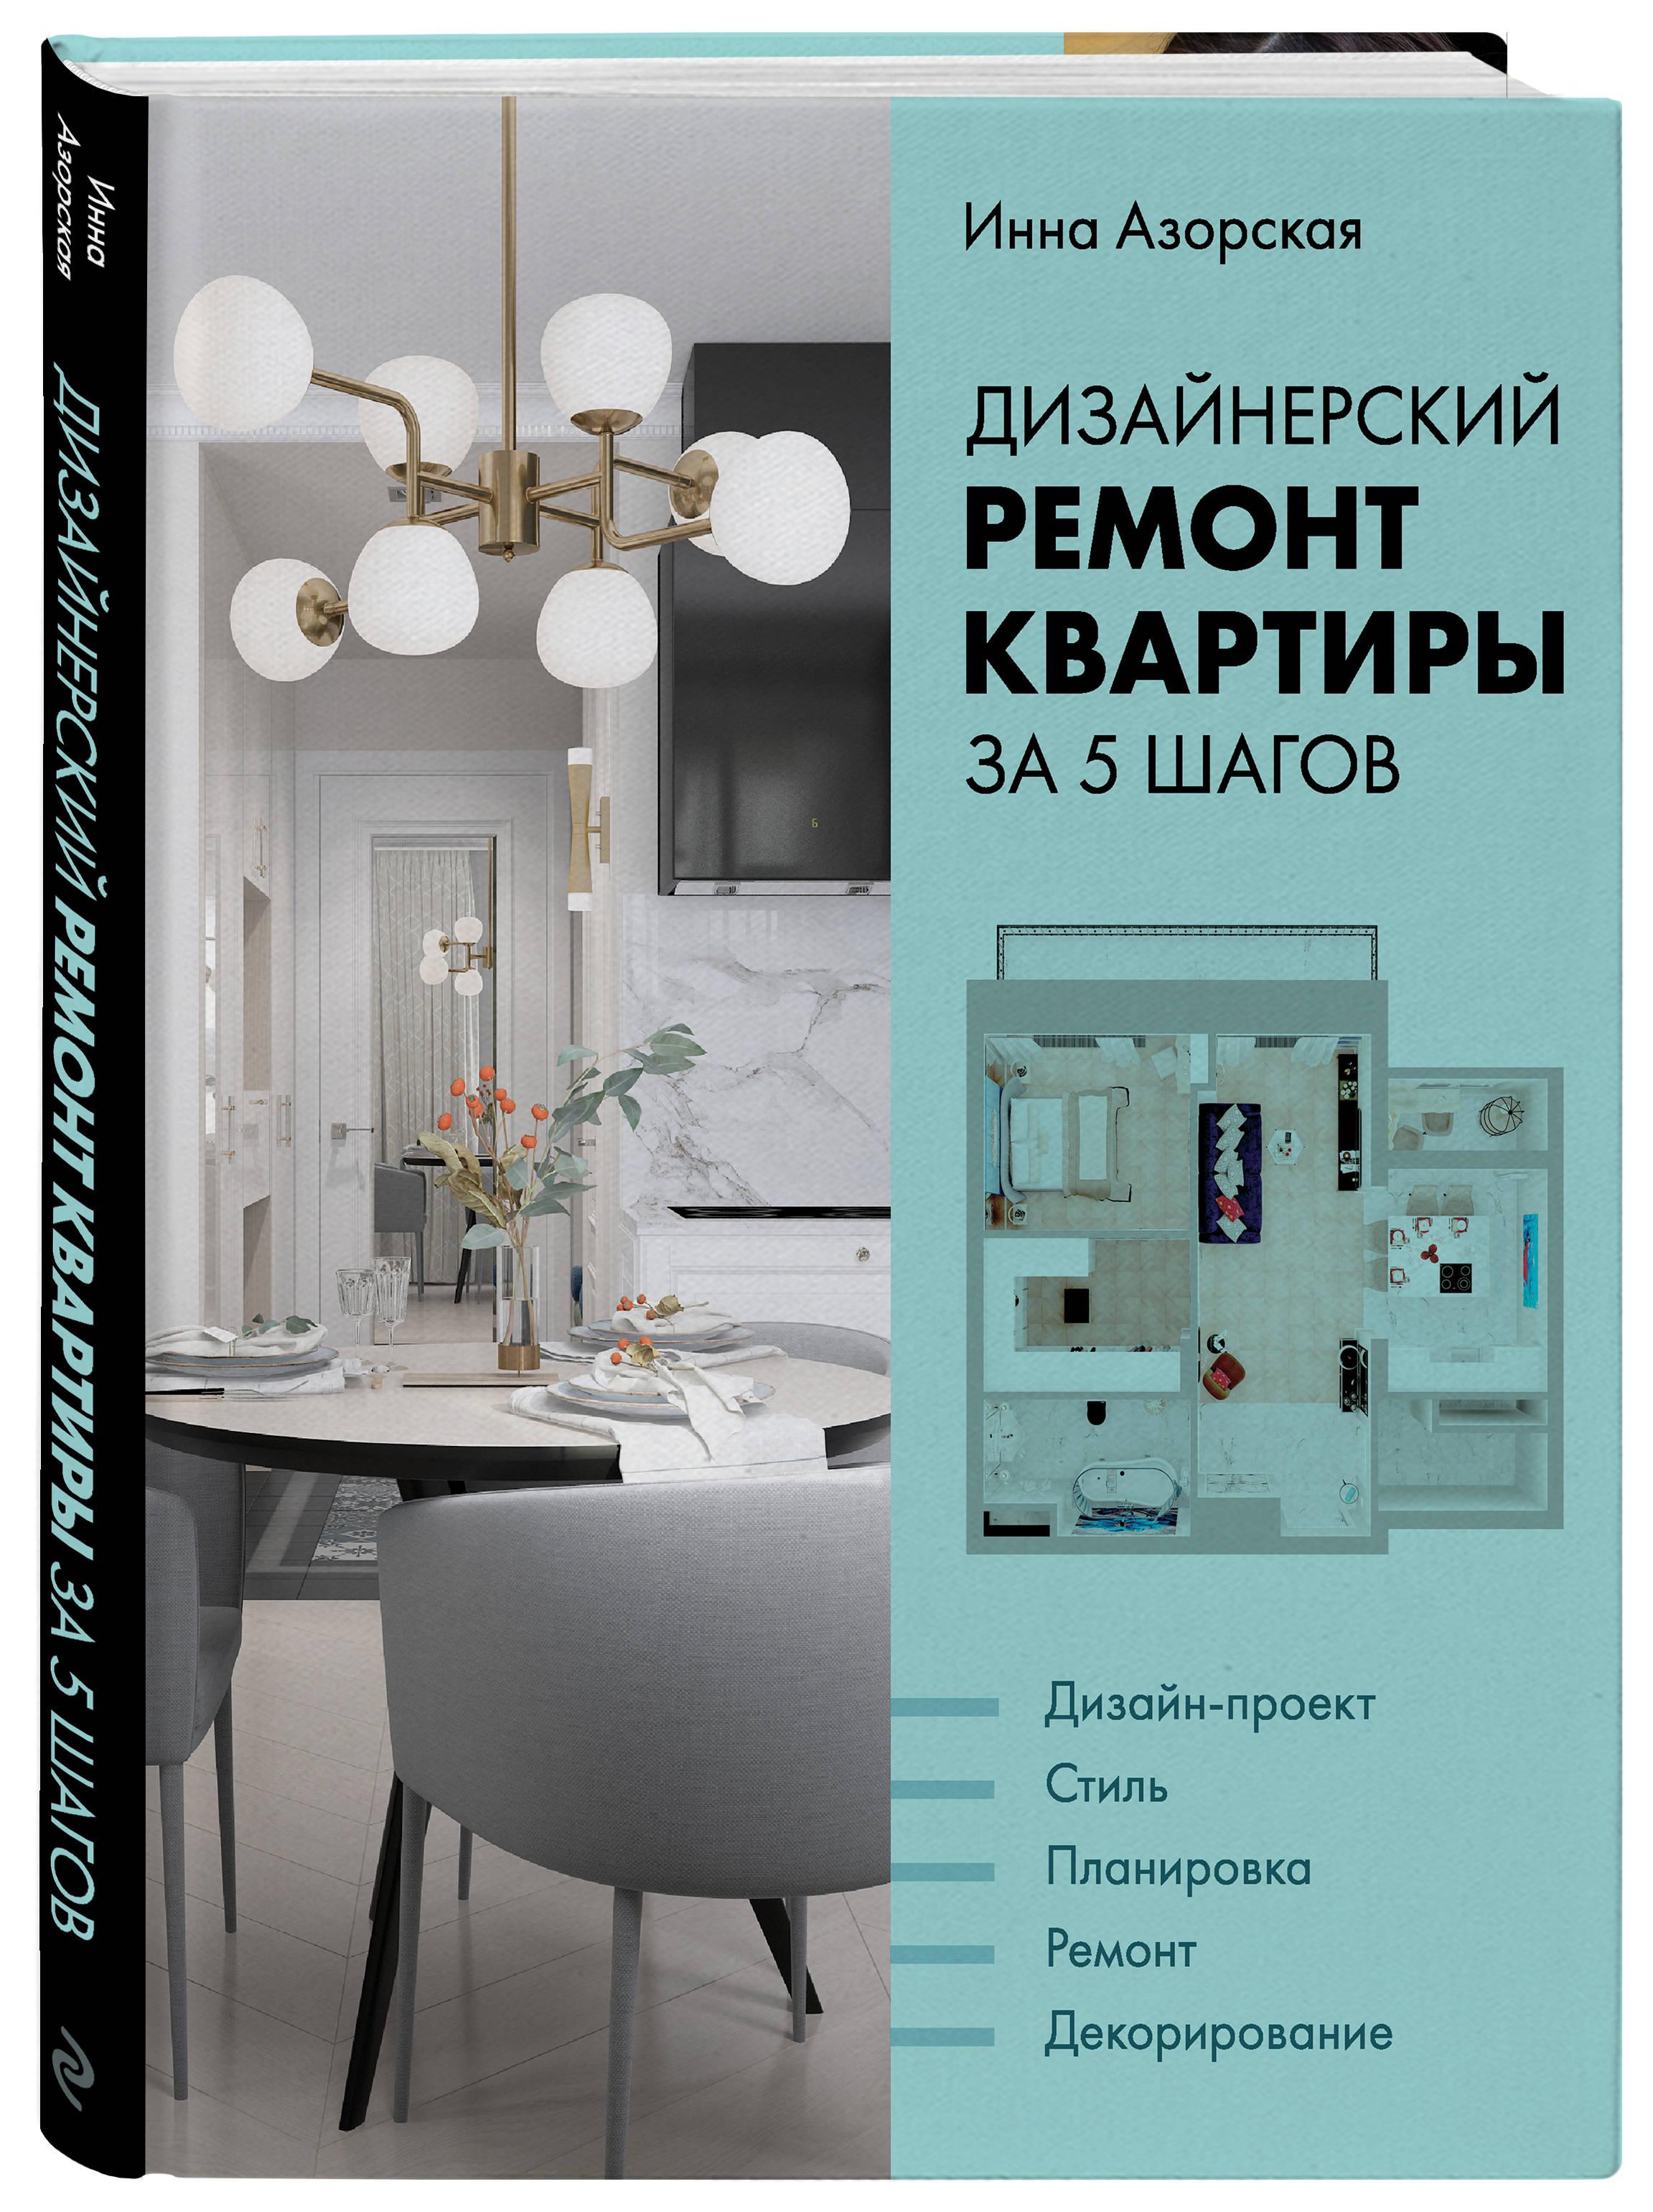 Инна Азорская Дизайнерский ремонт квартиры за 5 шагов (у.н.)